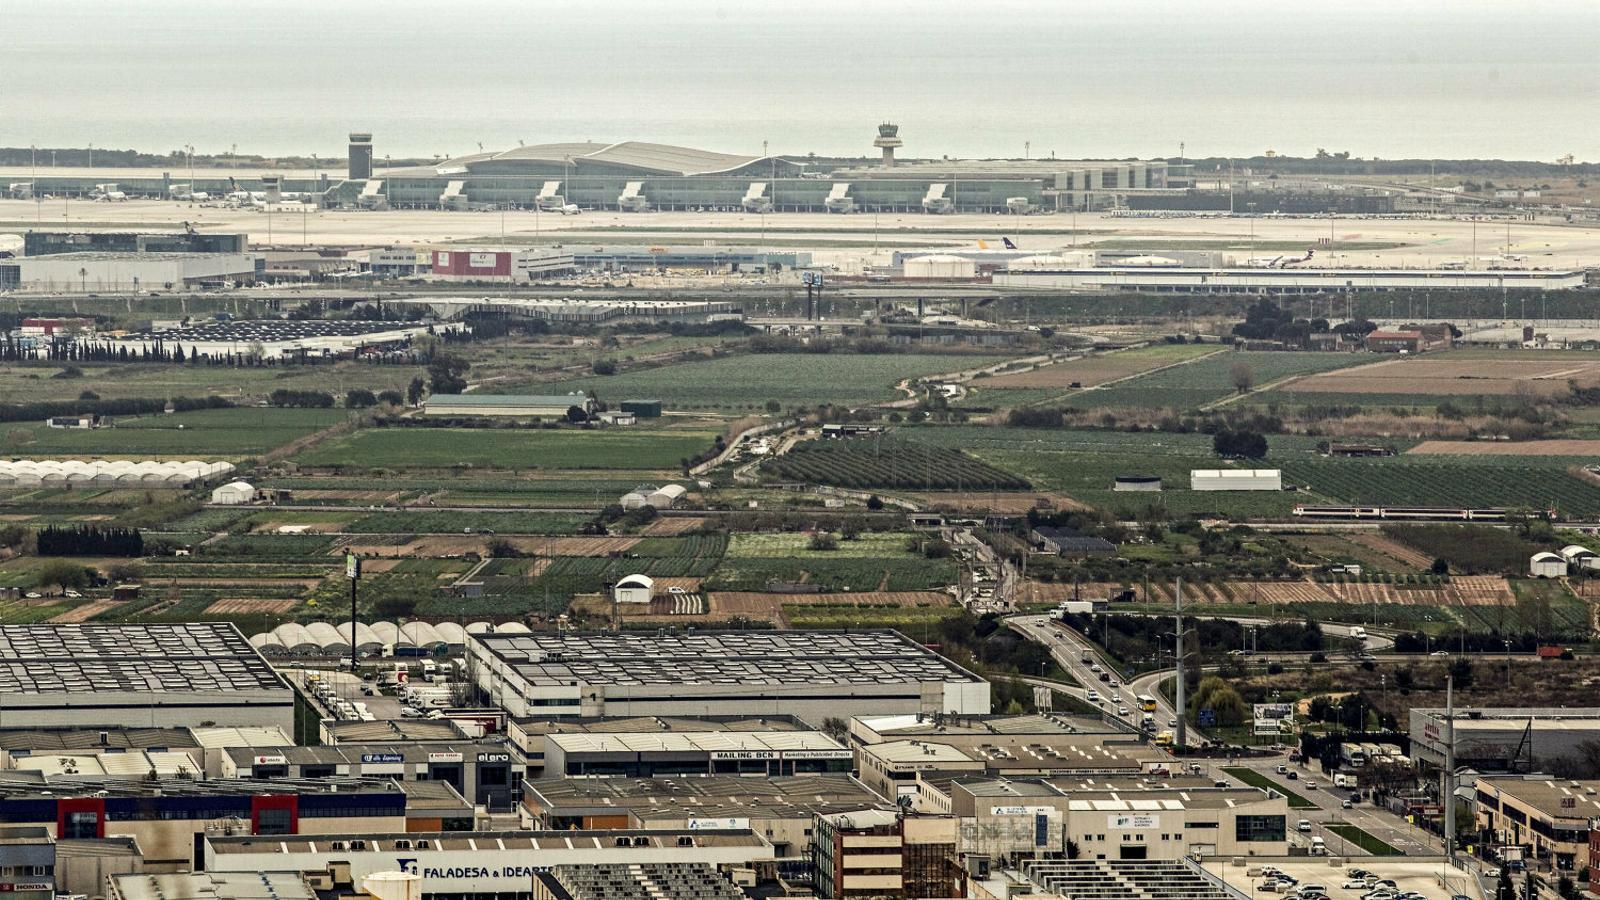 L'ampliació de l'aeroport reactiva les protestes de veïns i ecologistes